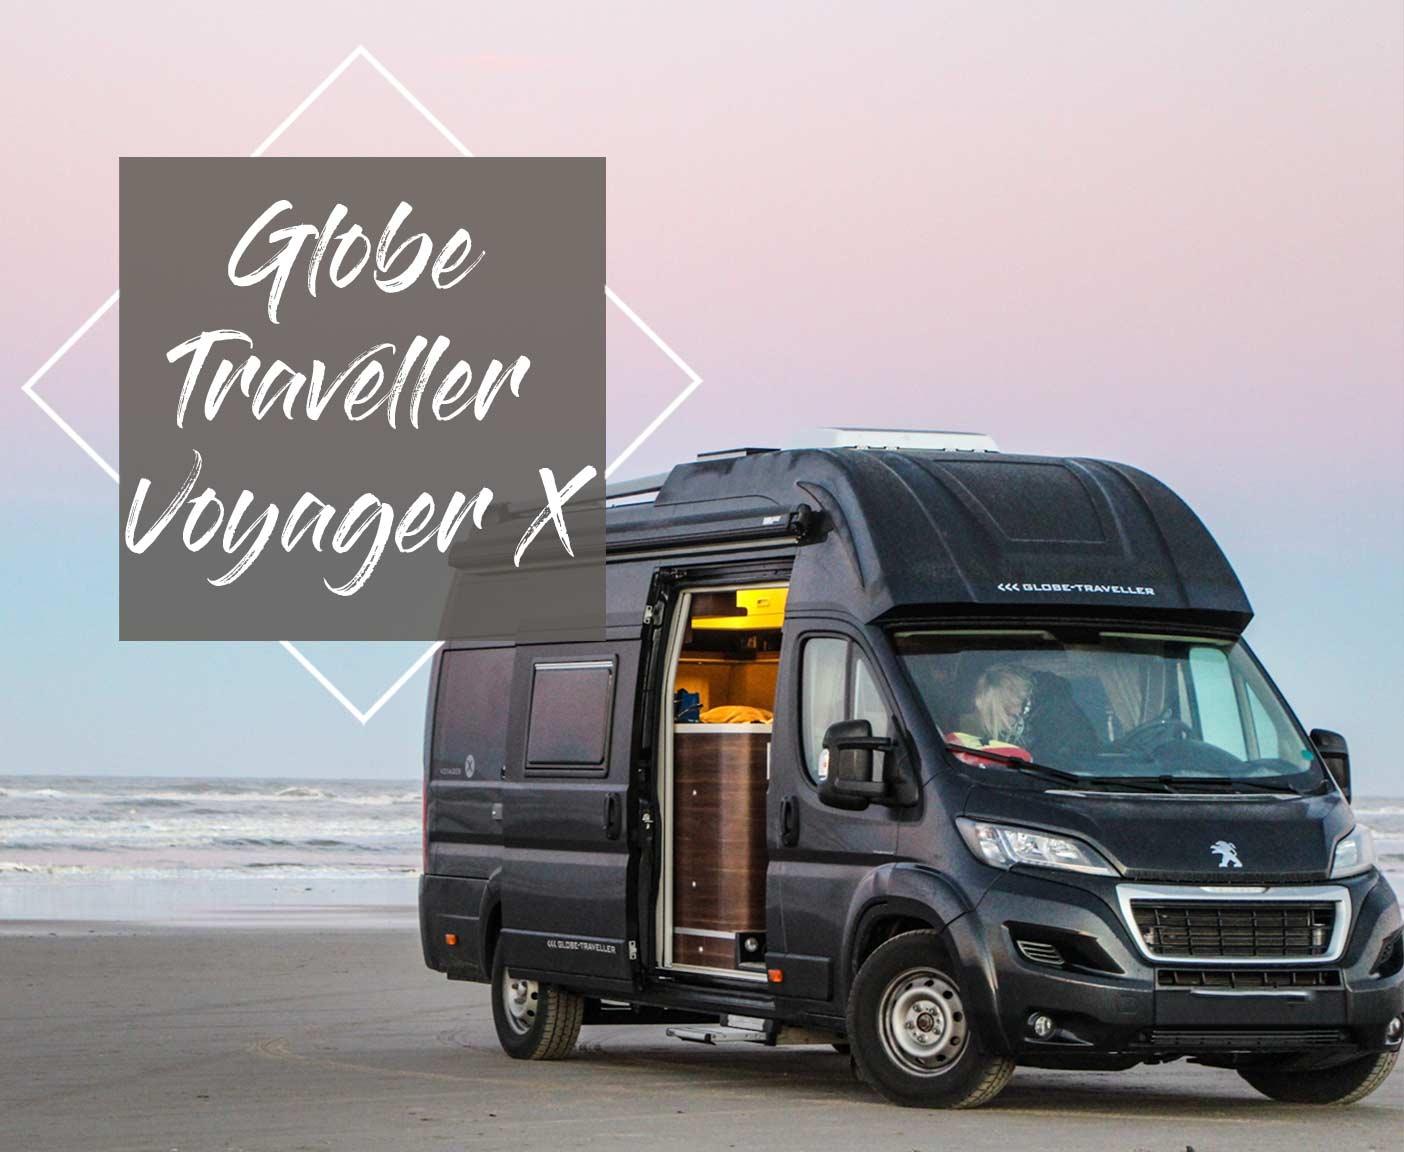 Globe-Traveller--Voyager-X-händler-peugeot